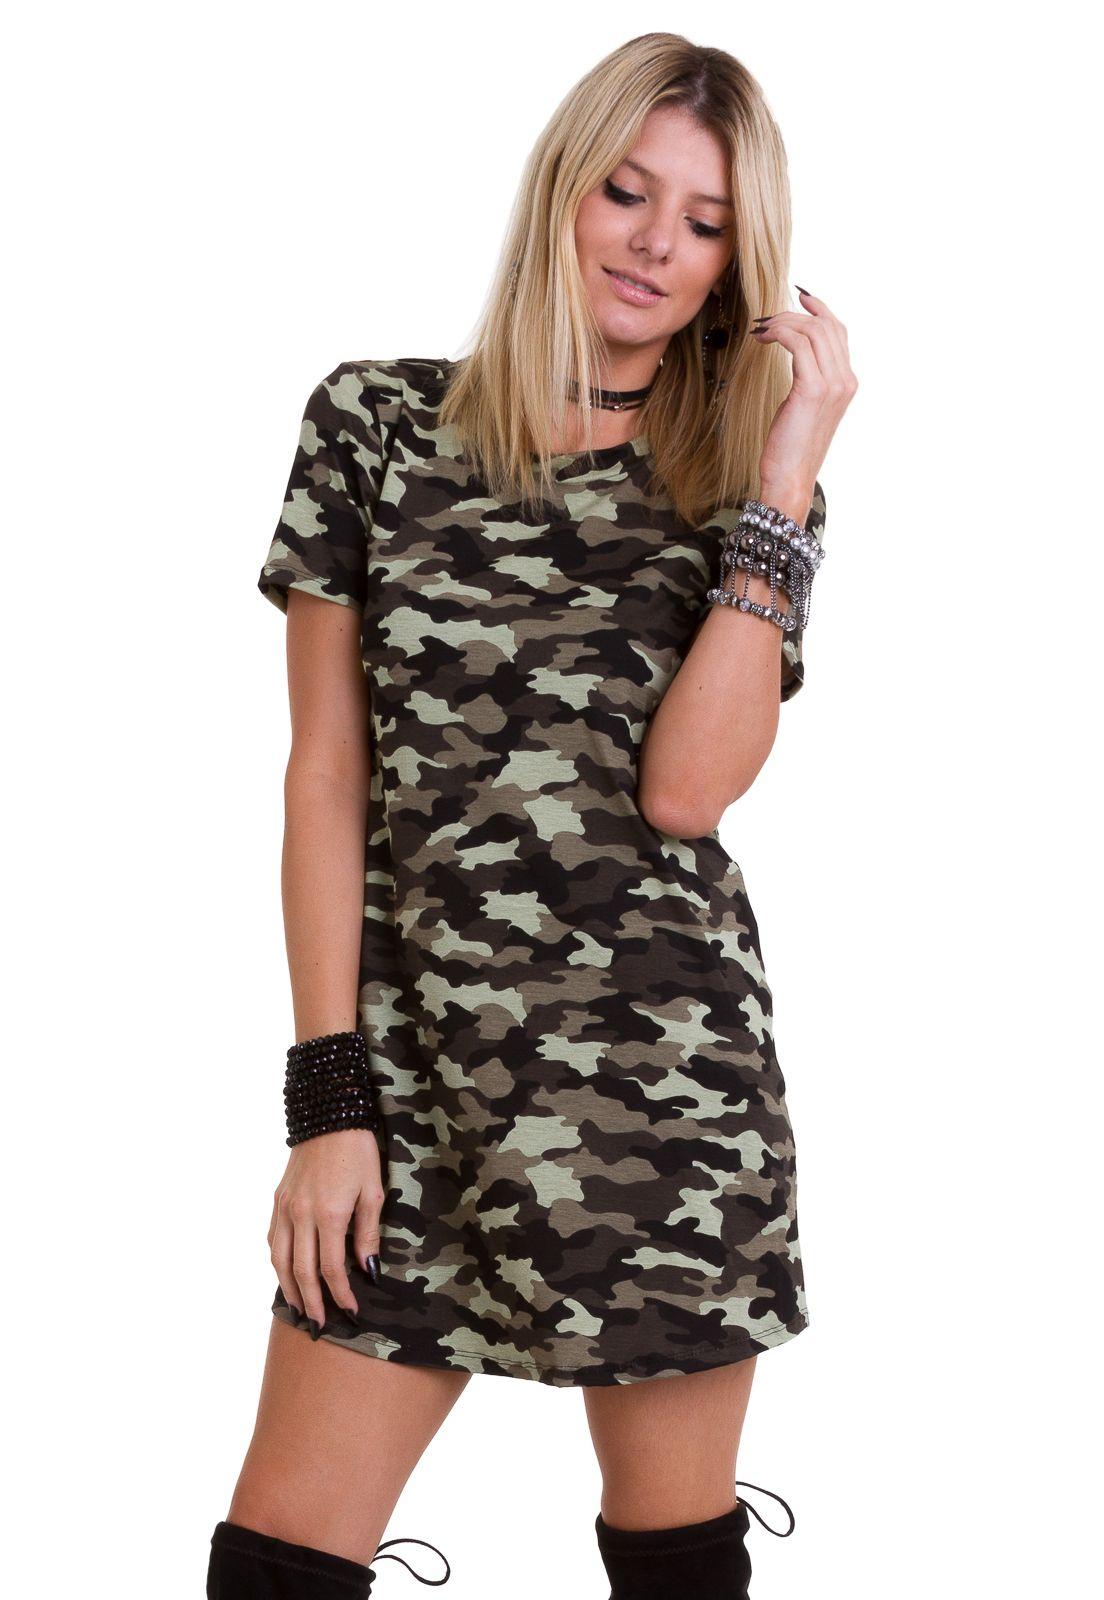 2fec2dda0 ♥ O vestido curto camuflado da Manola apresenta estilo t-shirt ...